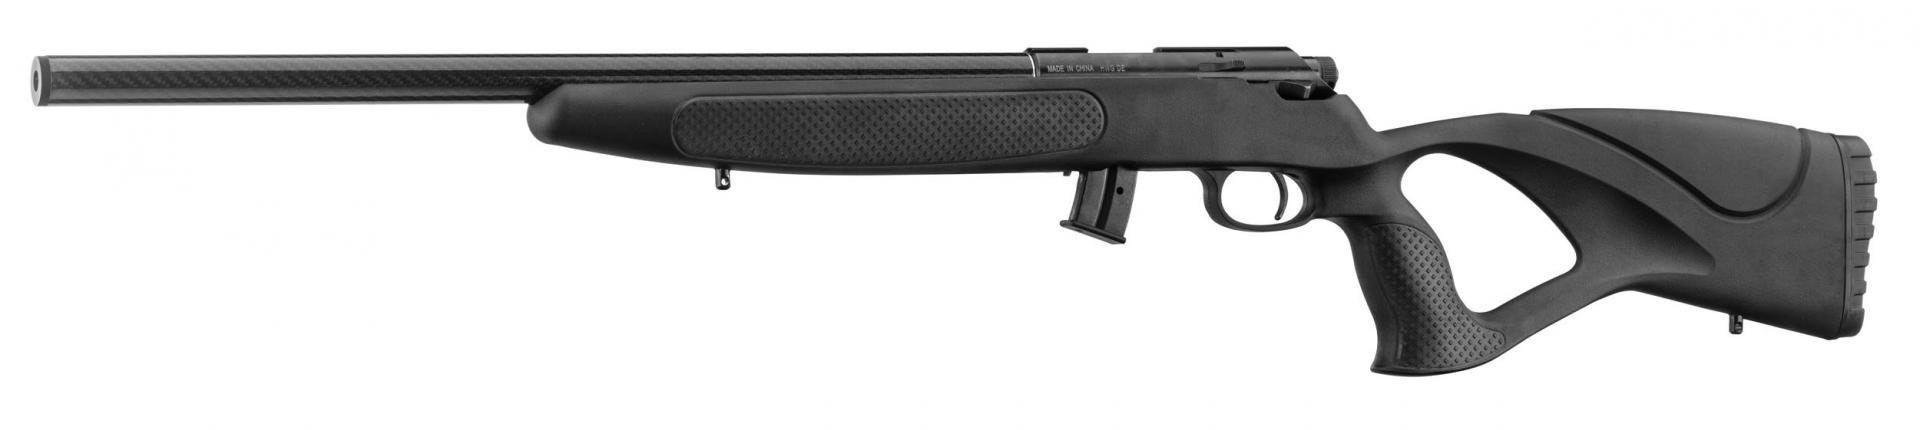 Cr501s 2